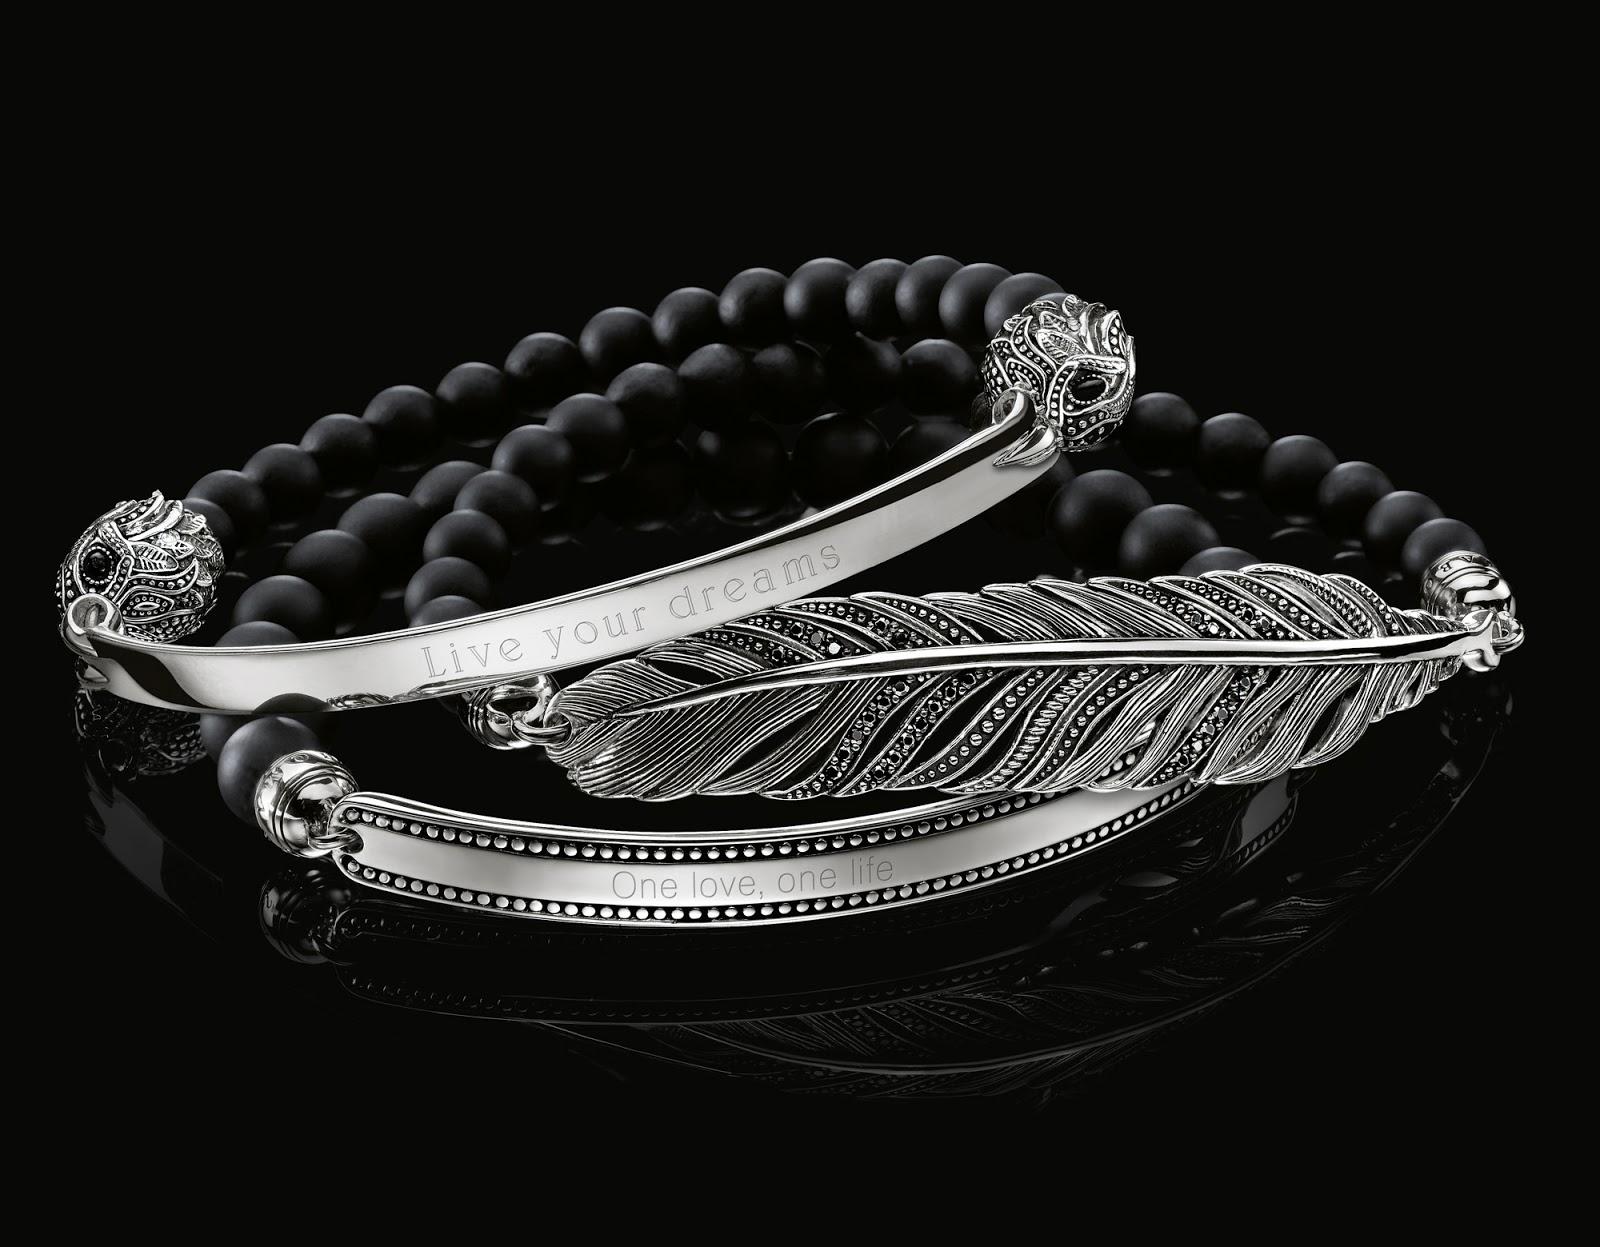 Amoureux, meilleurs amis ou membres de la famille, peu importe, gravé de mots tendres ou de belles devises, le Love Bridge bracelet exprime toujours avec